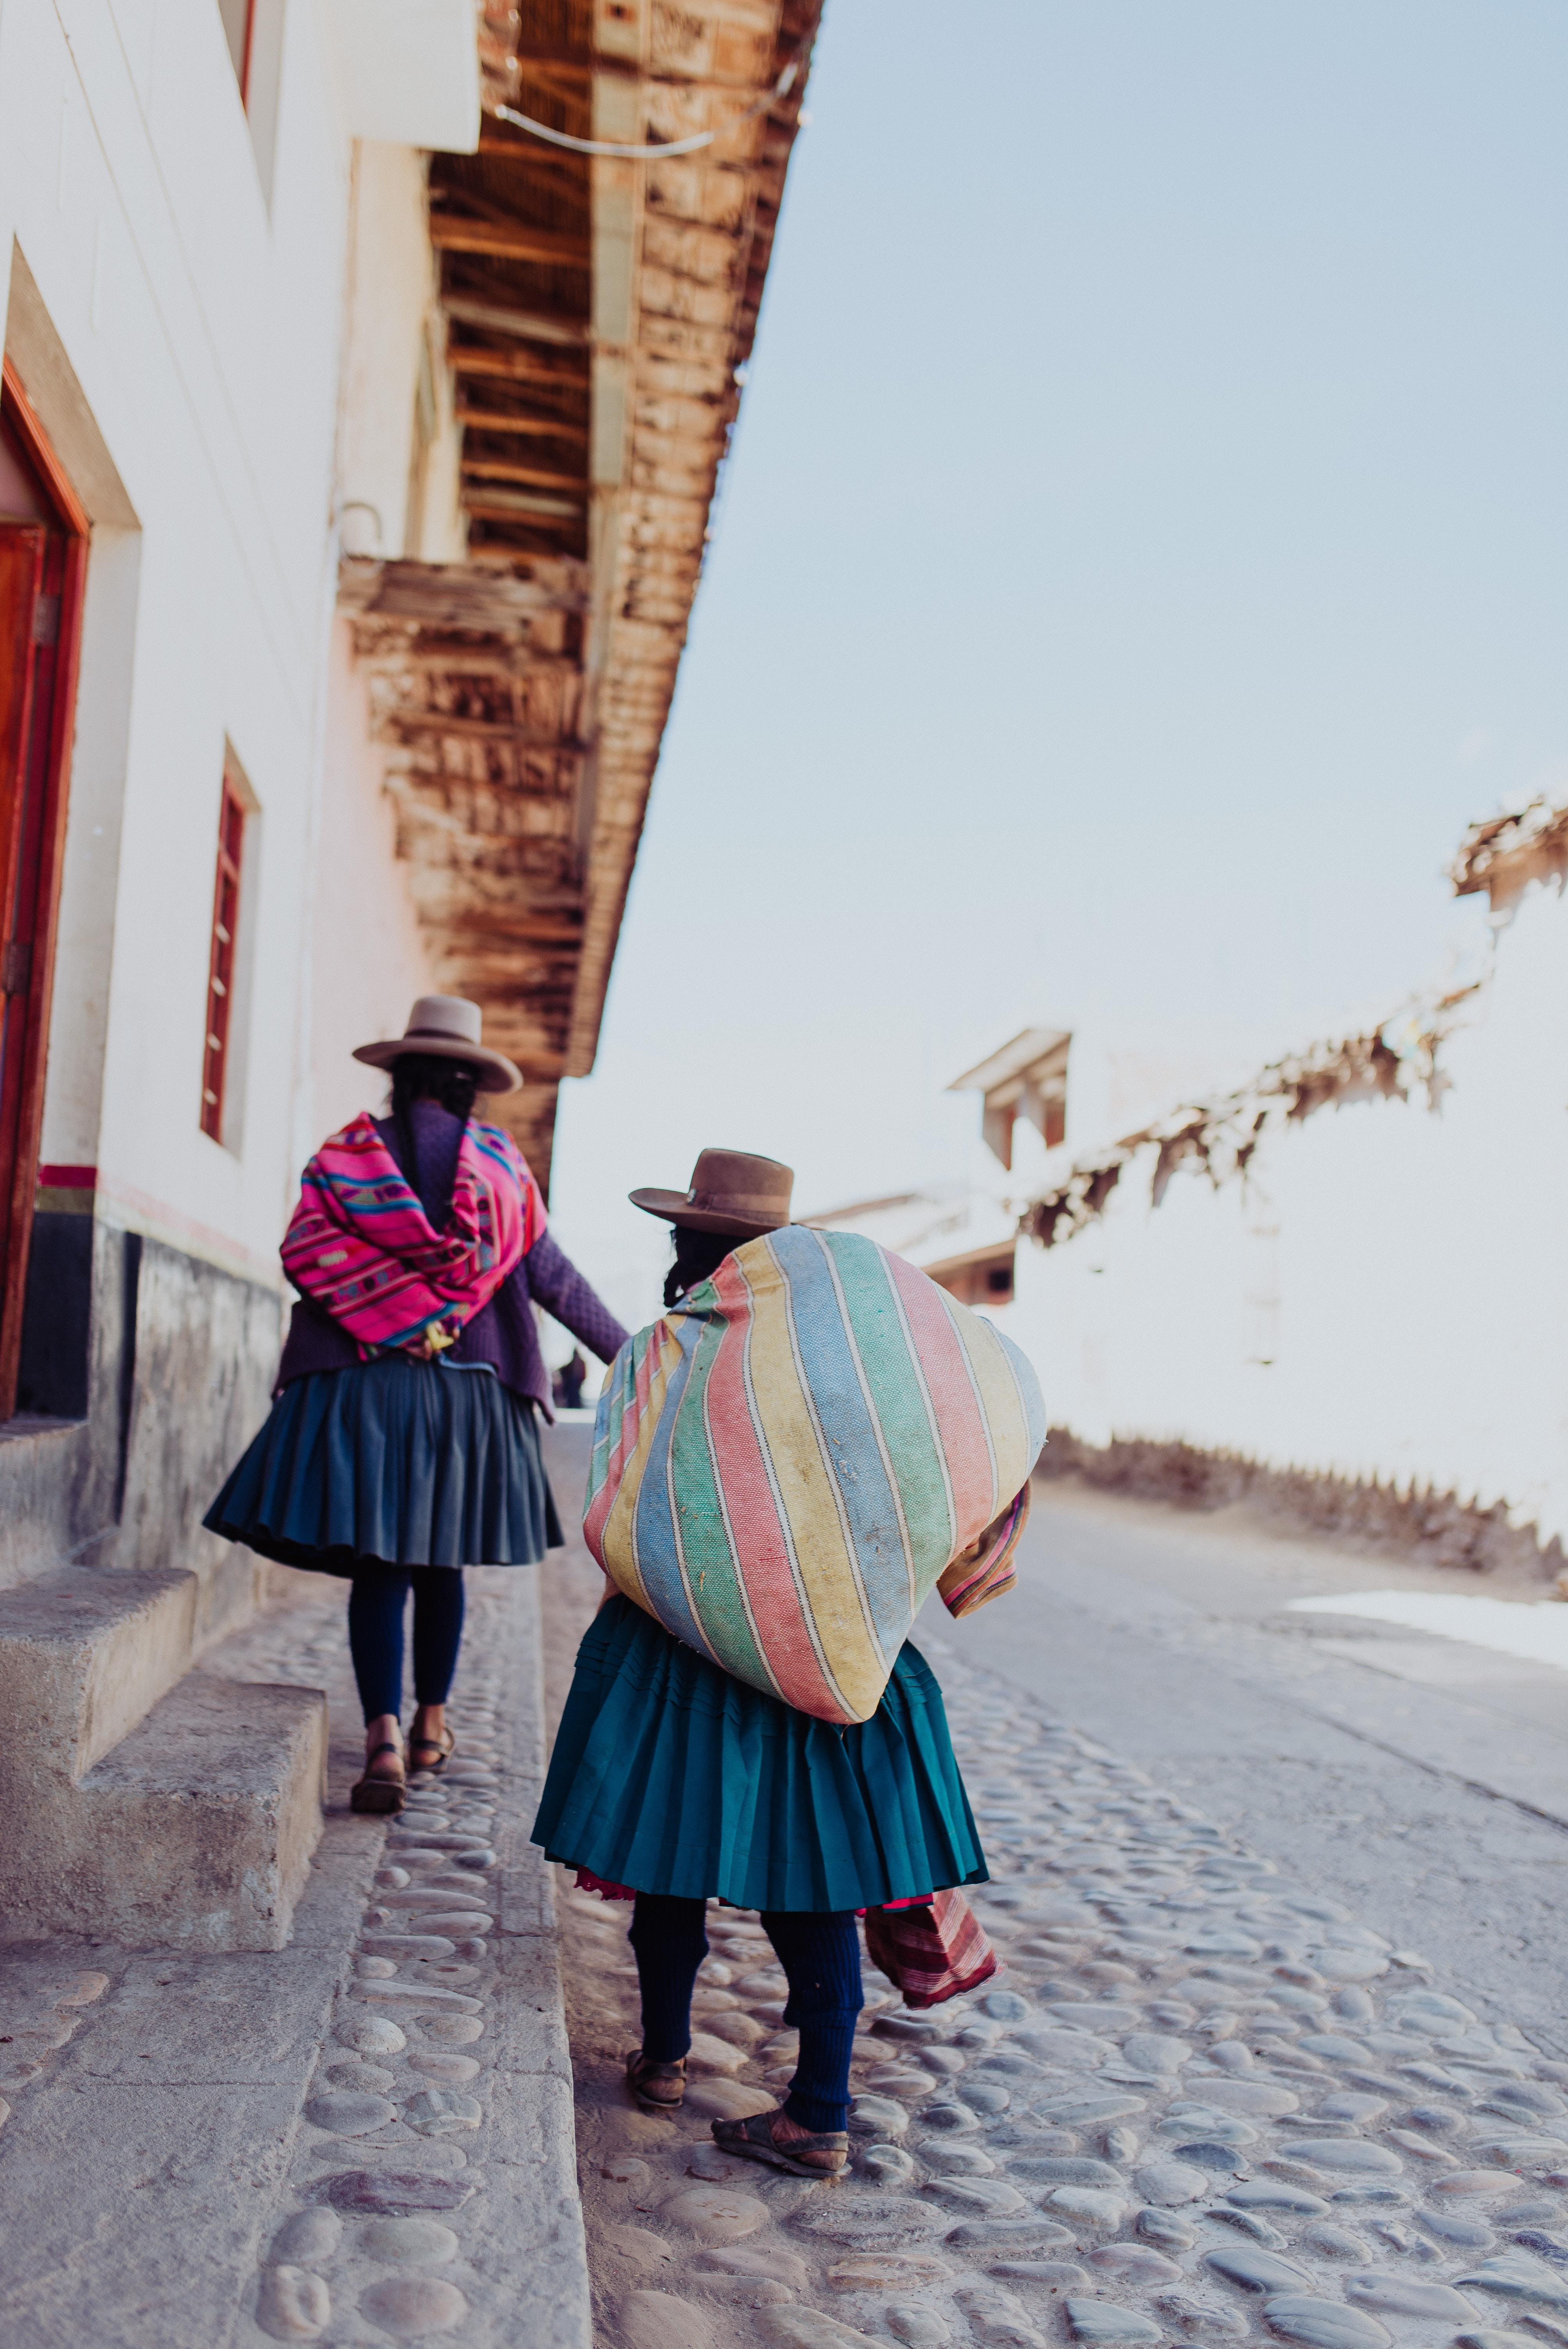 Imagen de la noticia Mejorado el acceso de las mujeres de 12 comunidades rurales indígenas al sistema de atención y protección frente a la violencia de género, en el distrito de Pomacanchi, provincia de Acomayo, Cusco